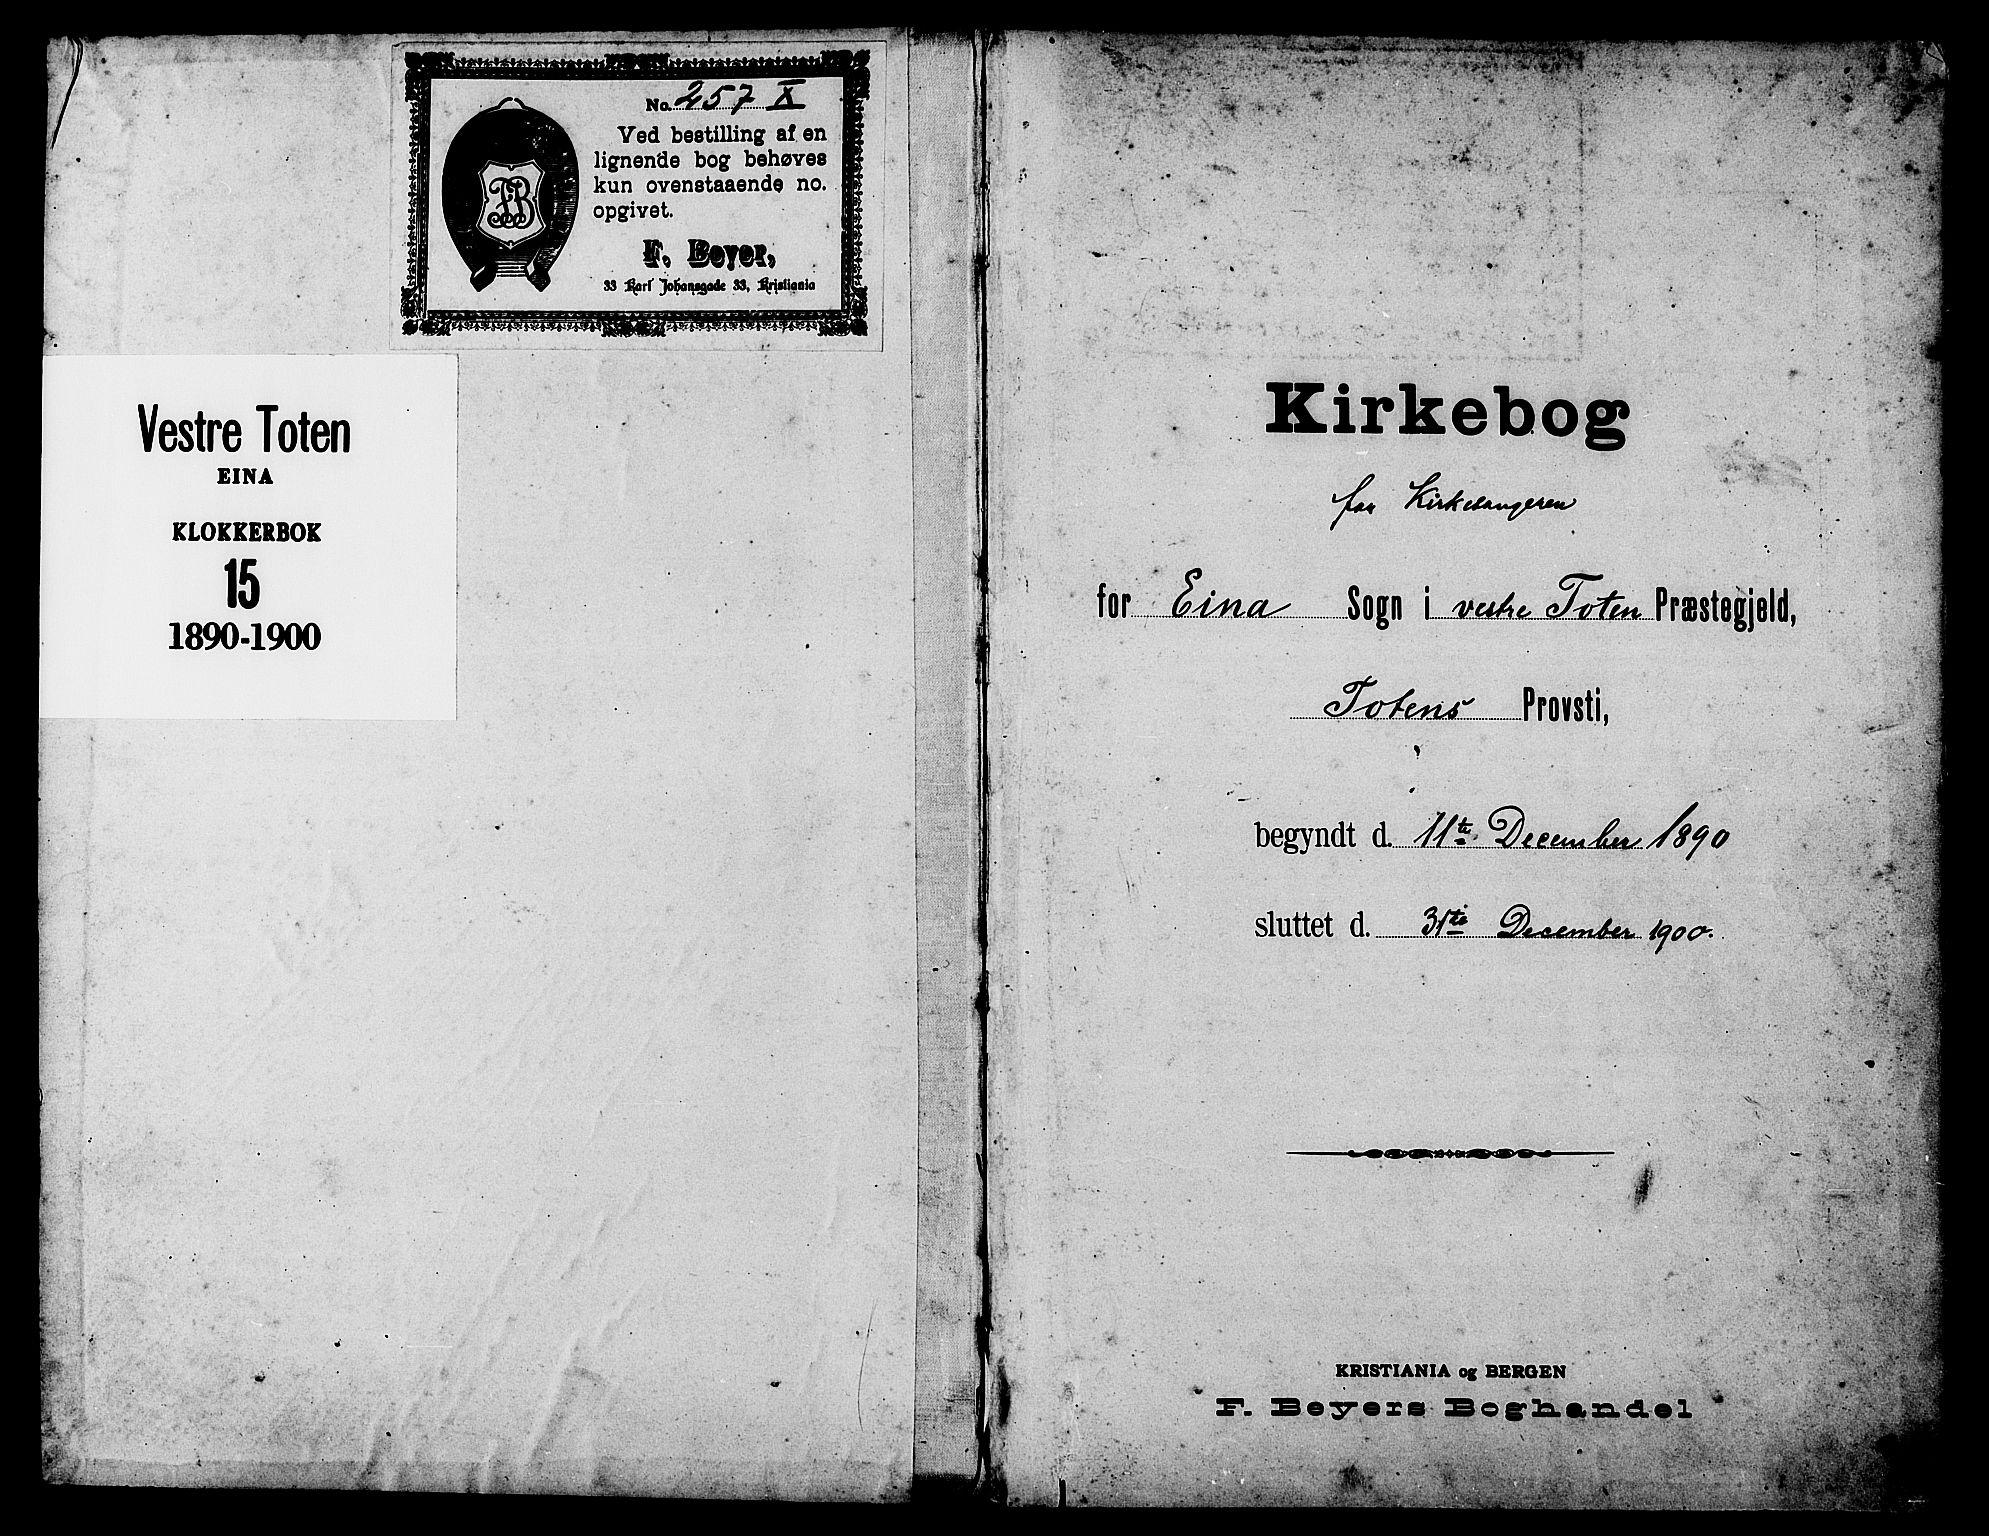 SAH, Vestre Toten prestekontor, H/Ha/Hab/L0015: Klokkerbok nr. 15, 1890-1900